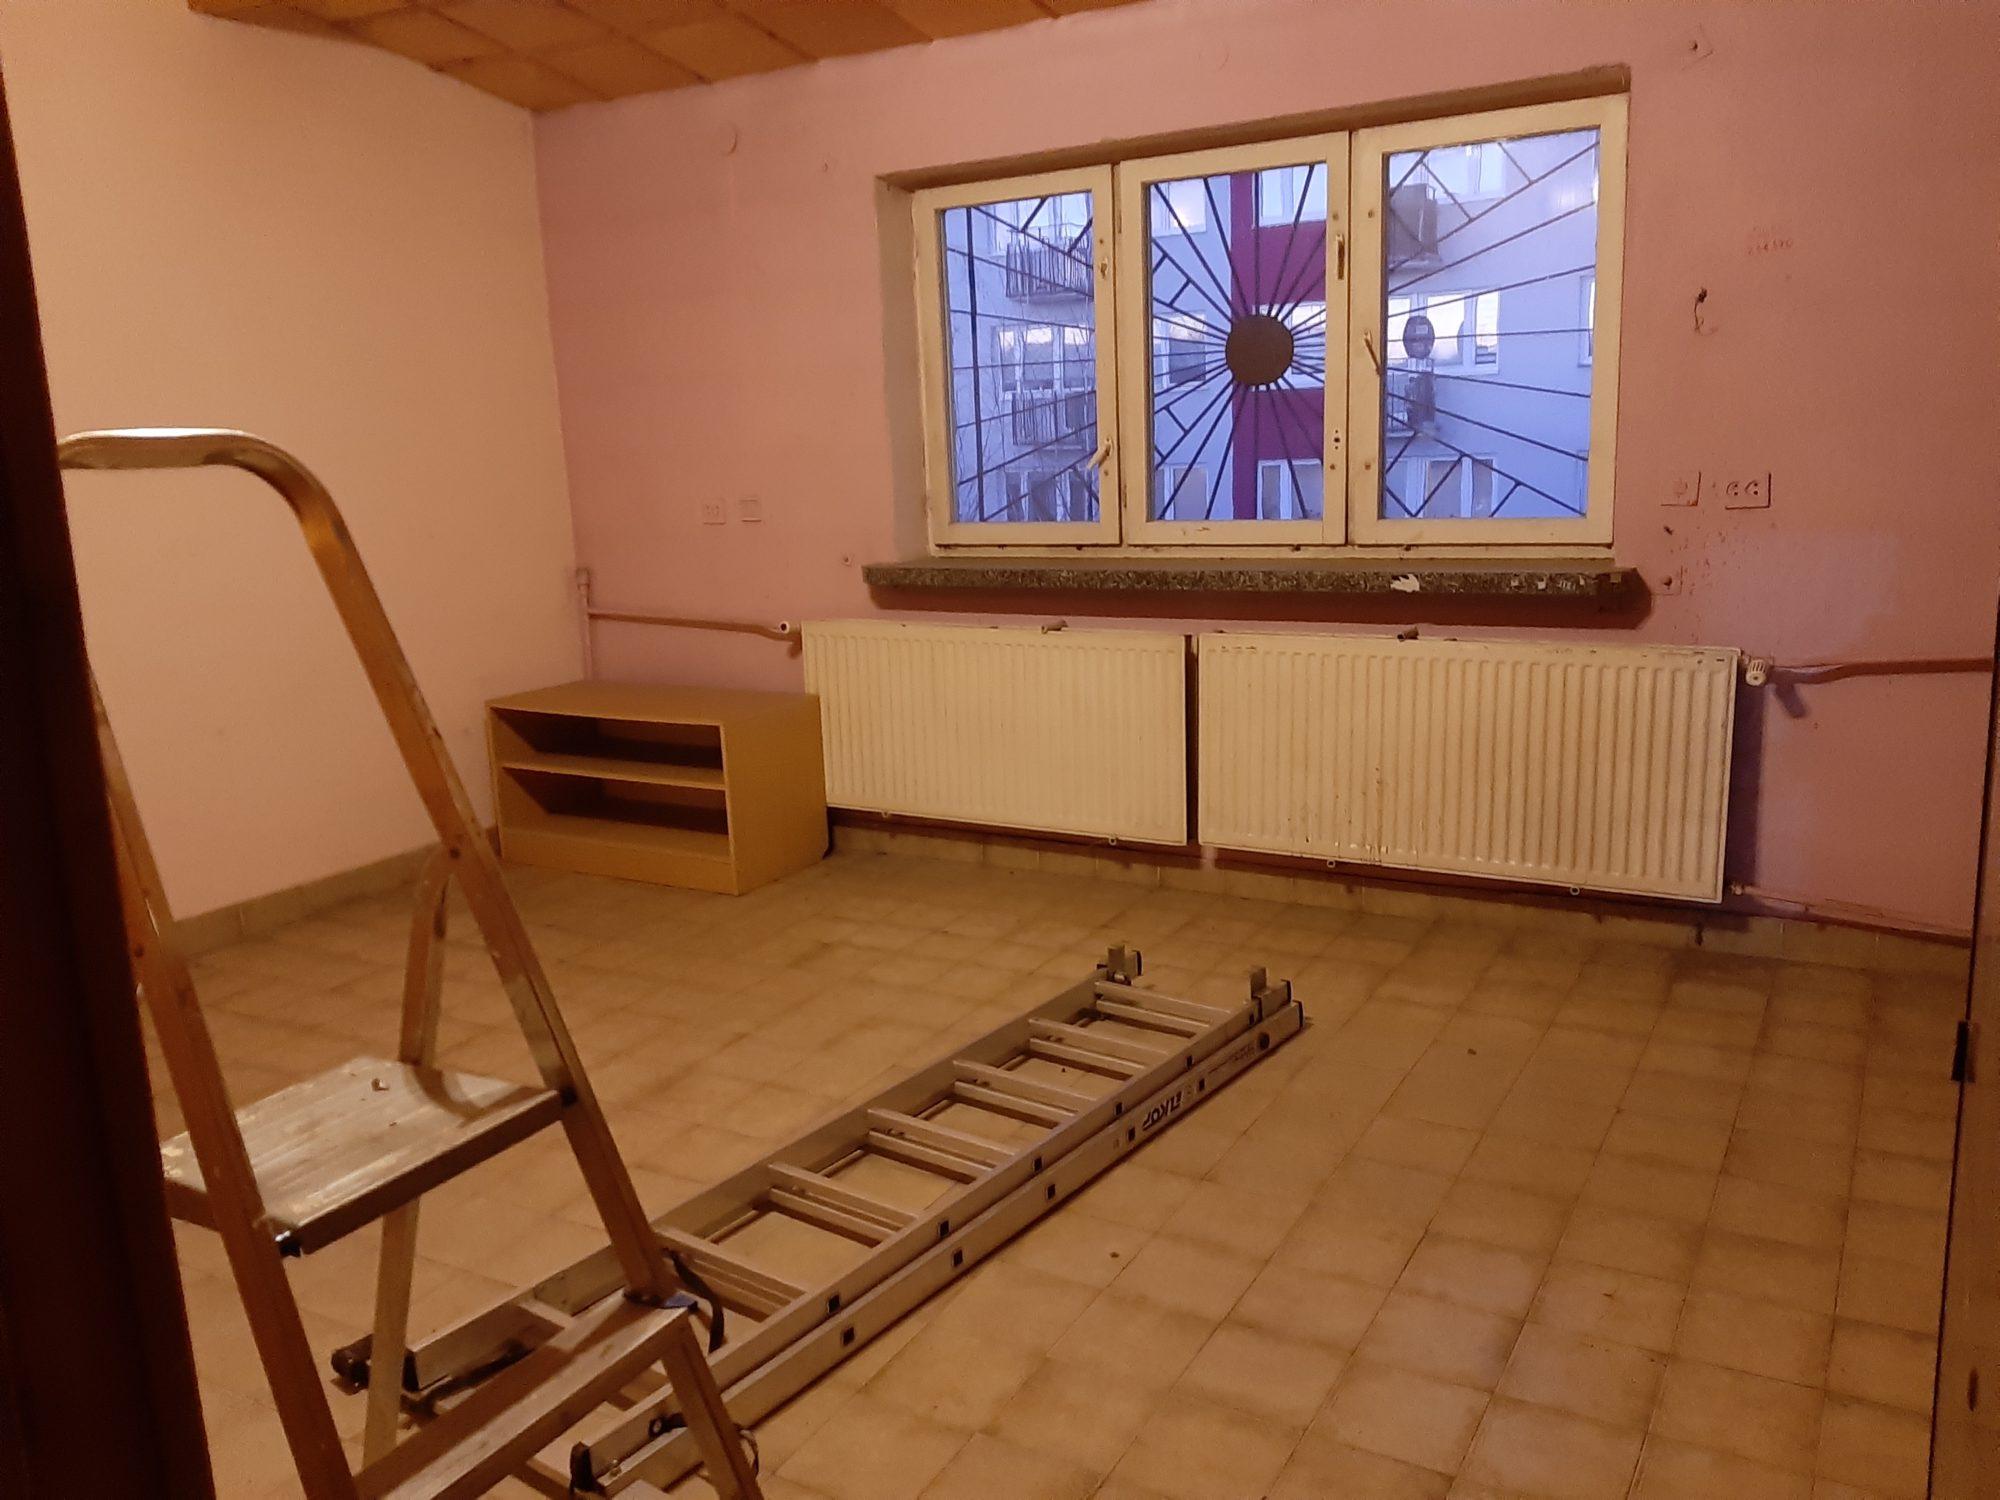 Lokal mieszkalno usługowy 120m² sprzedam